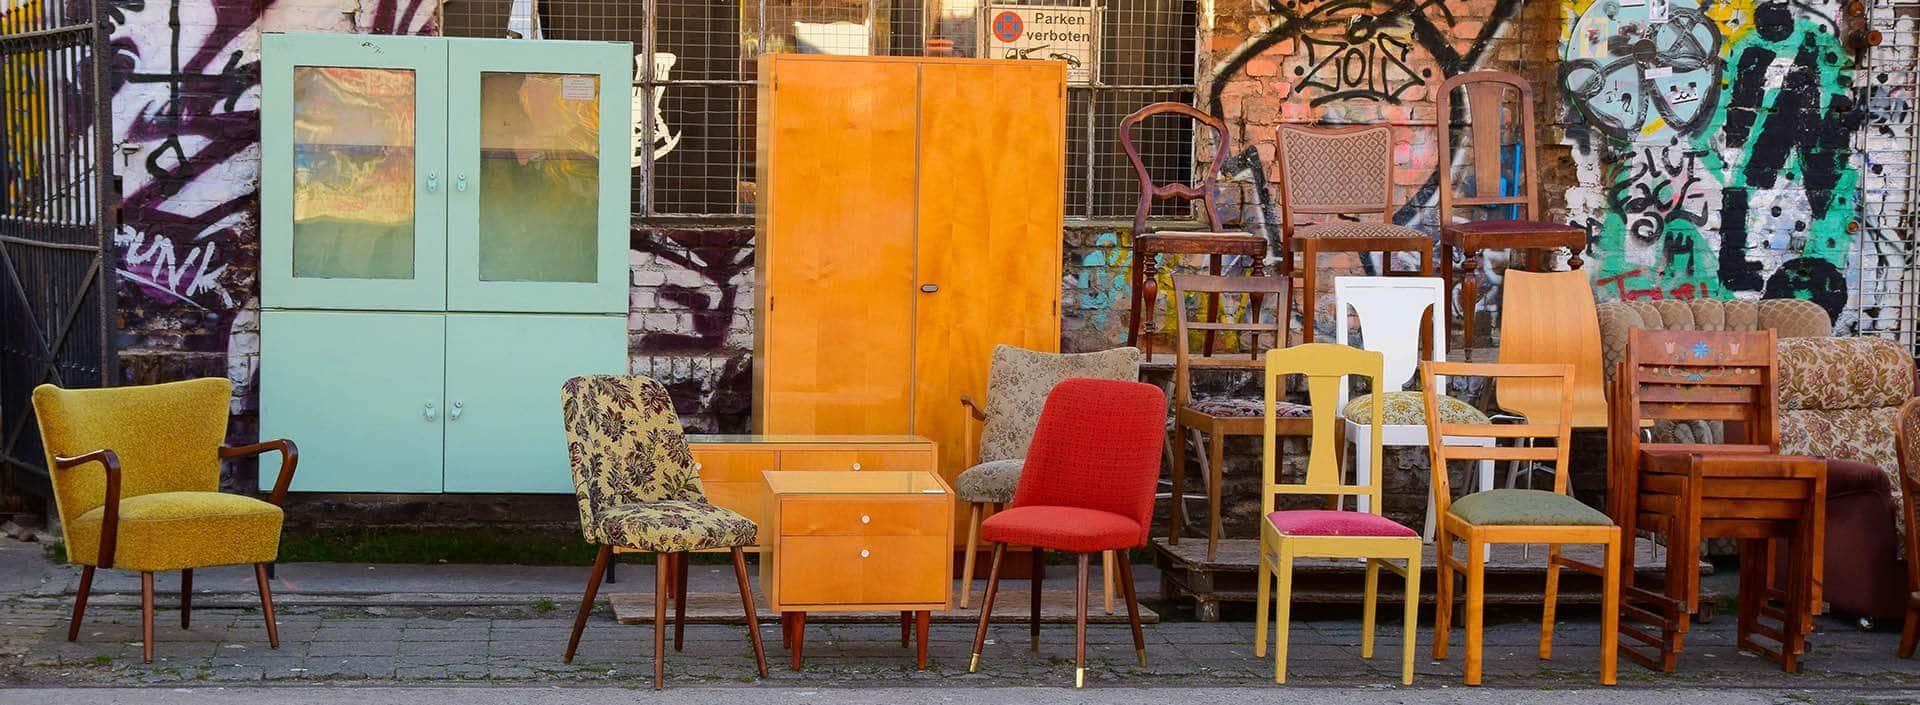 étalage de meubles devant une enseigne